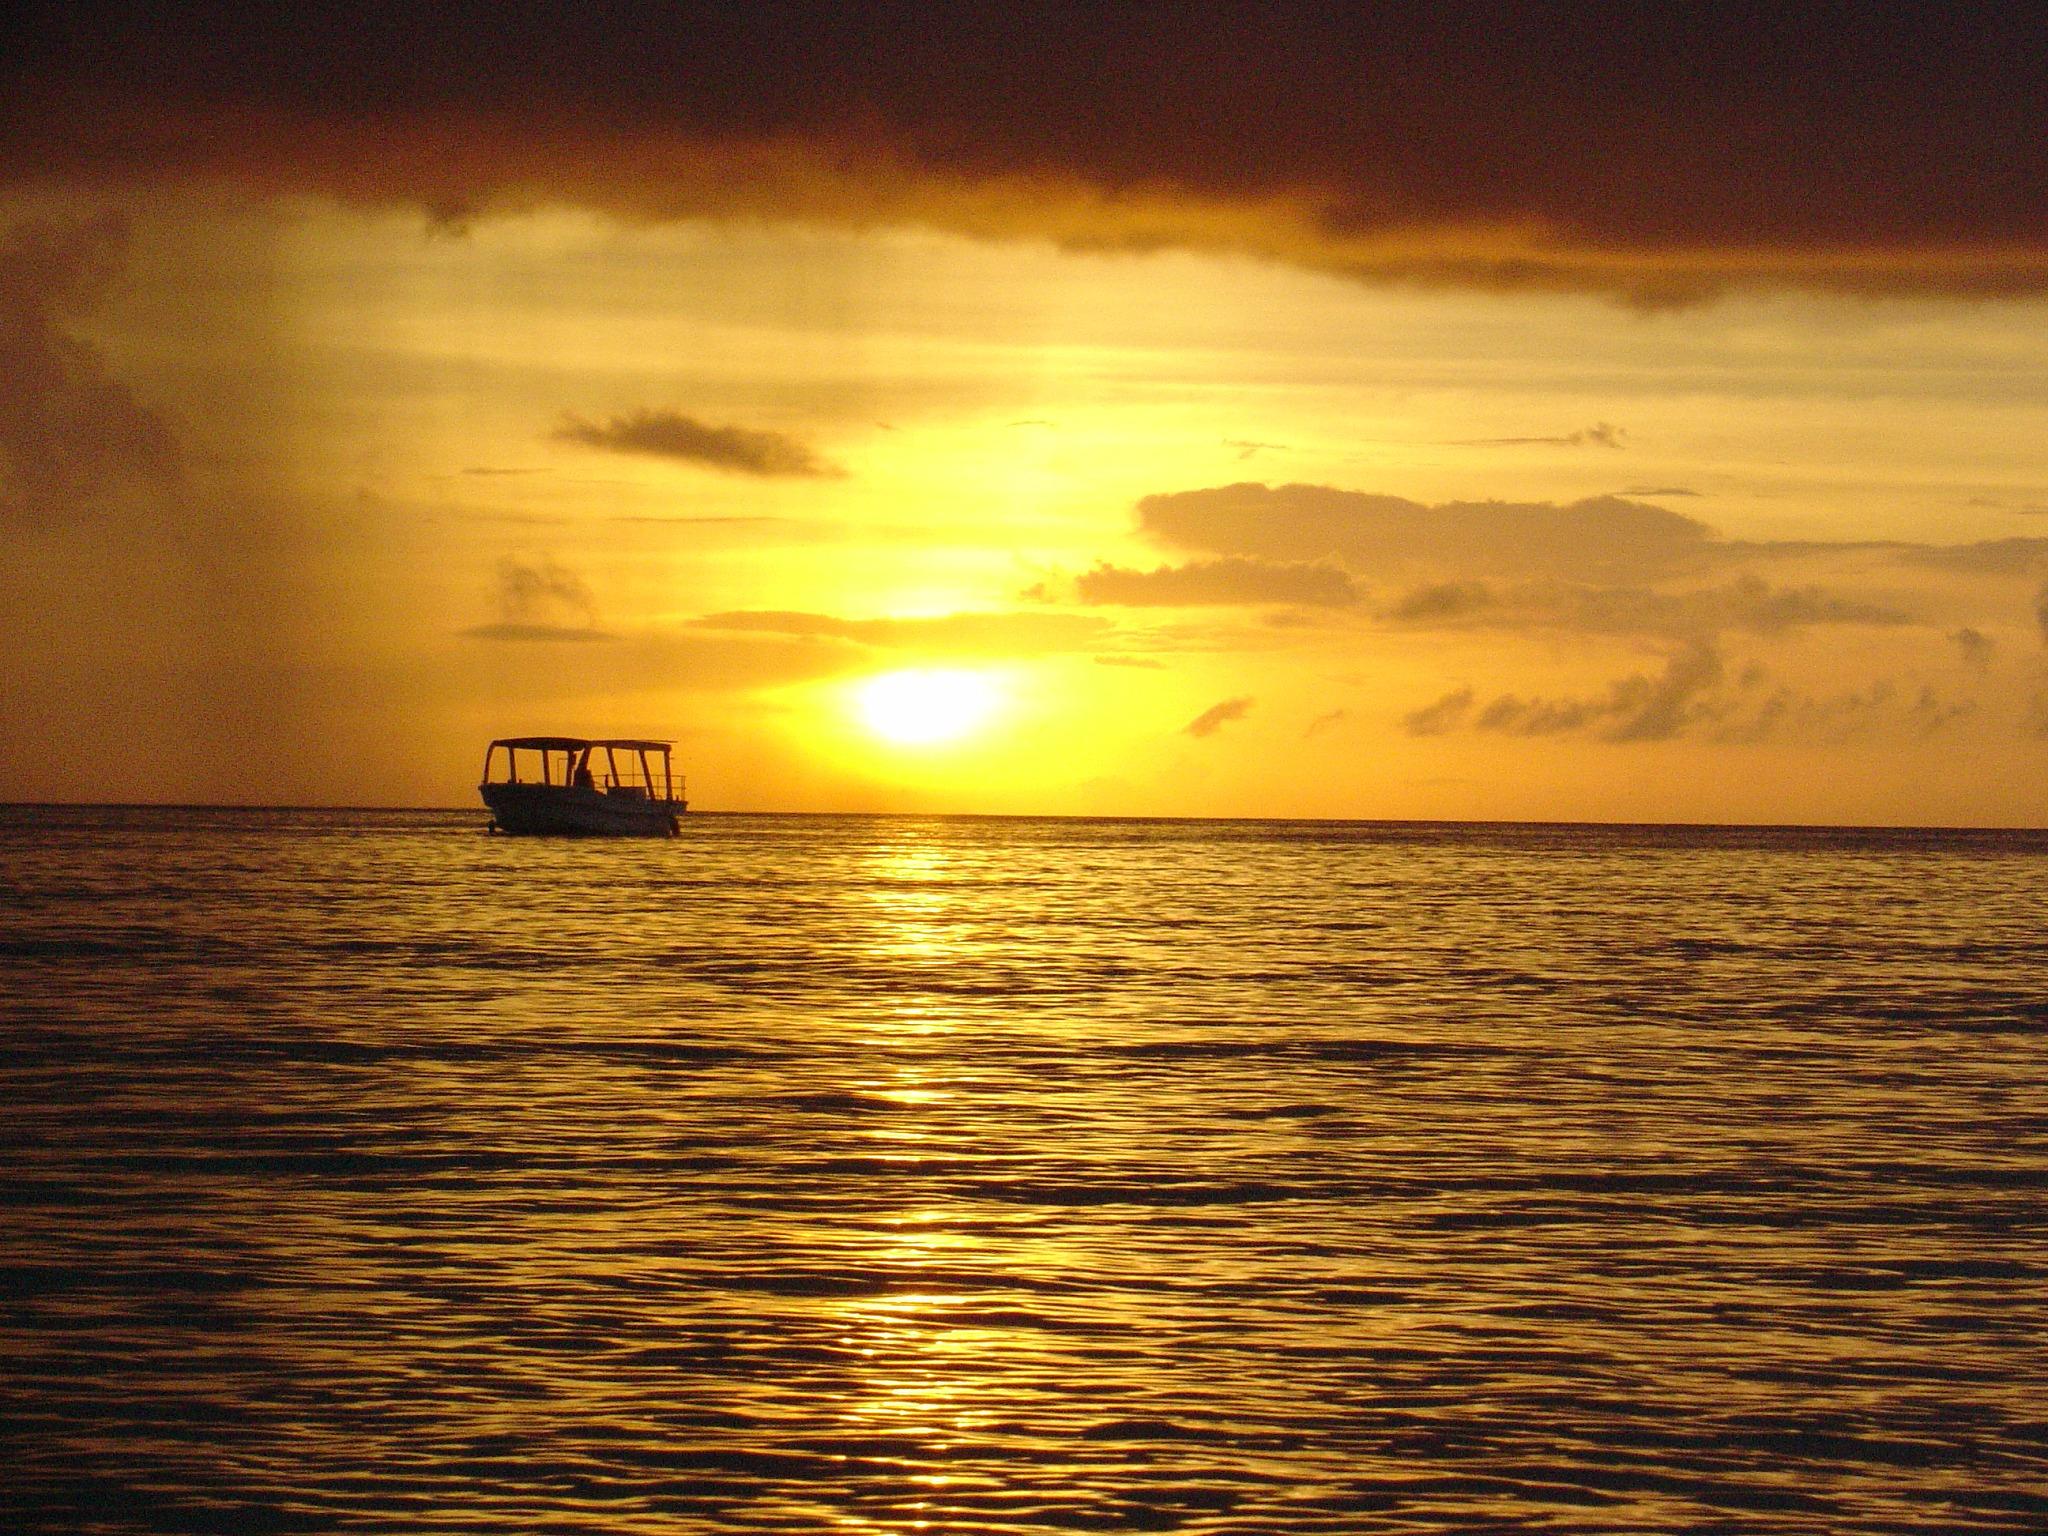 夕焼け時の黄金色の海の写真